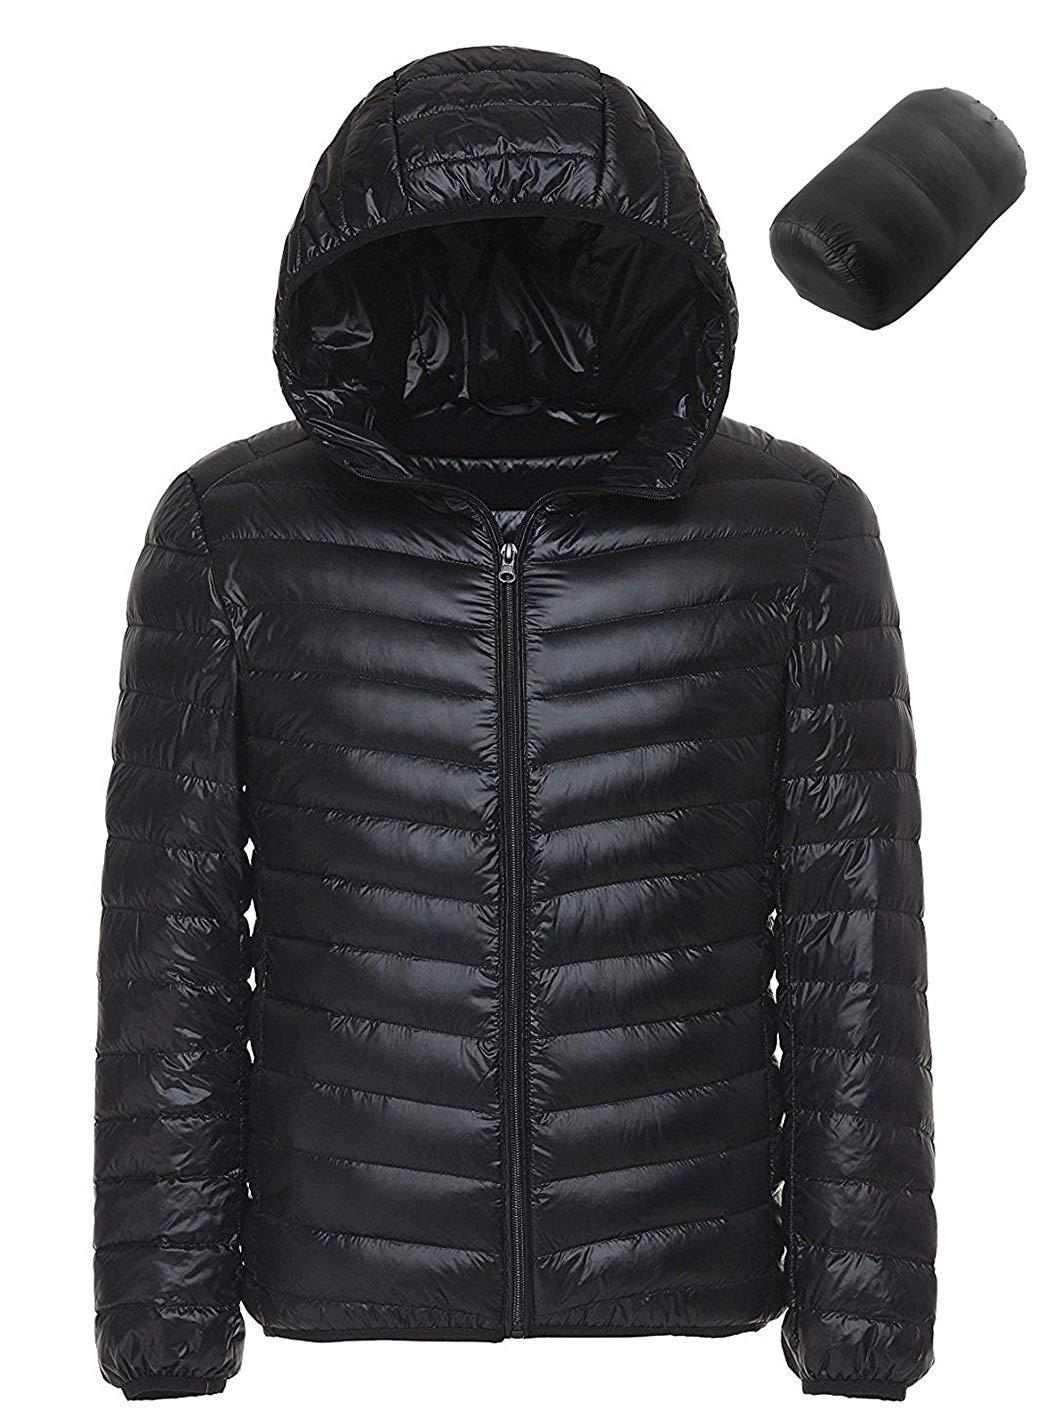 daa22b16191538 Get Quotations · Sawadikaa Men's Winter Hooded Packable Ultra Light Pillow Down  Puffer Jacket Coat Outdoor Quilted Lightweight Down